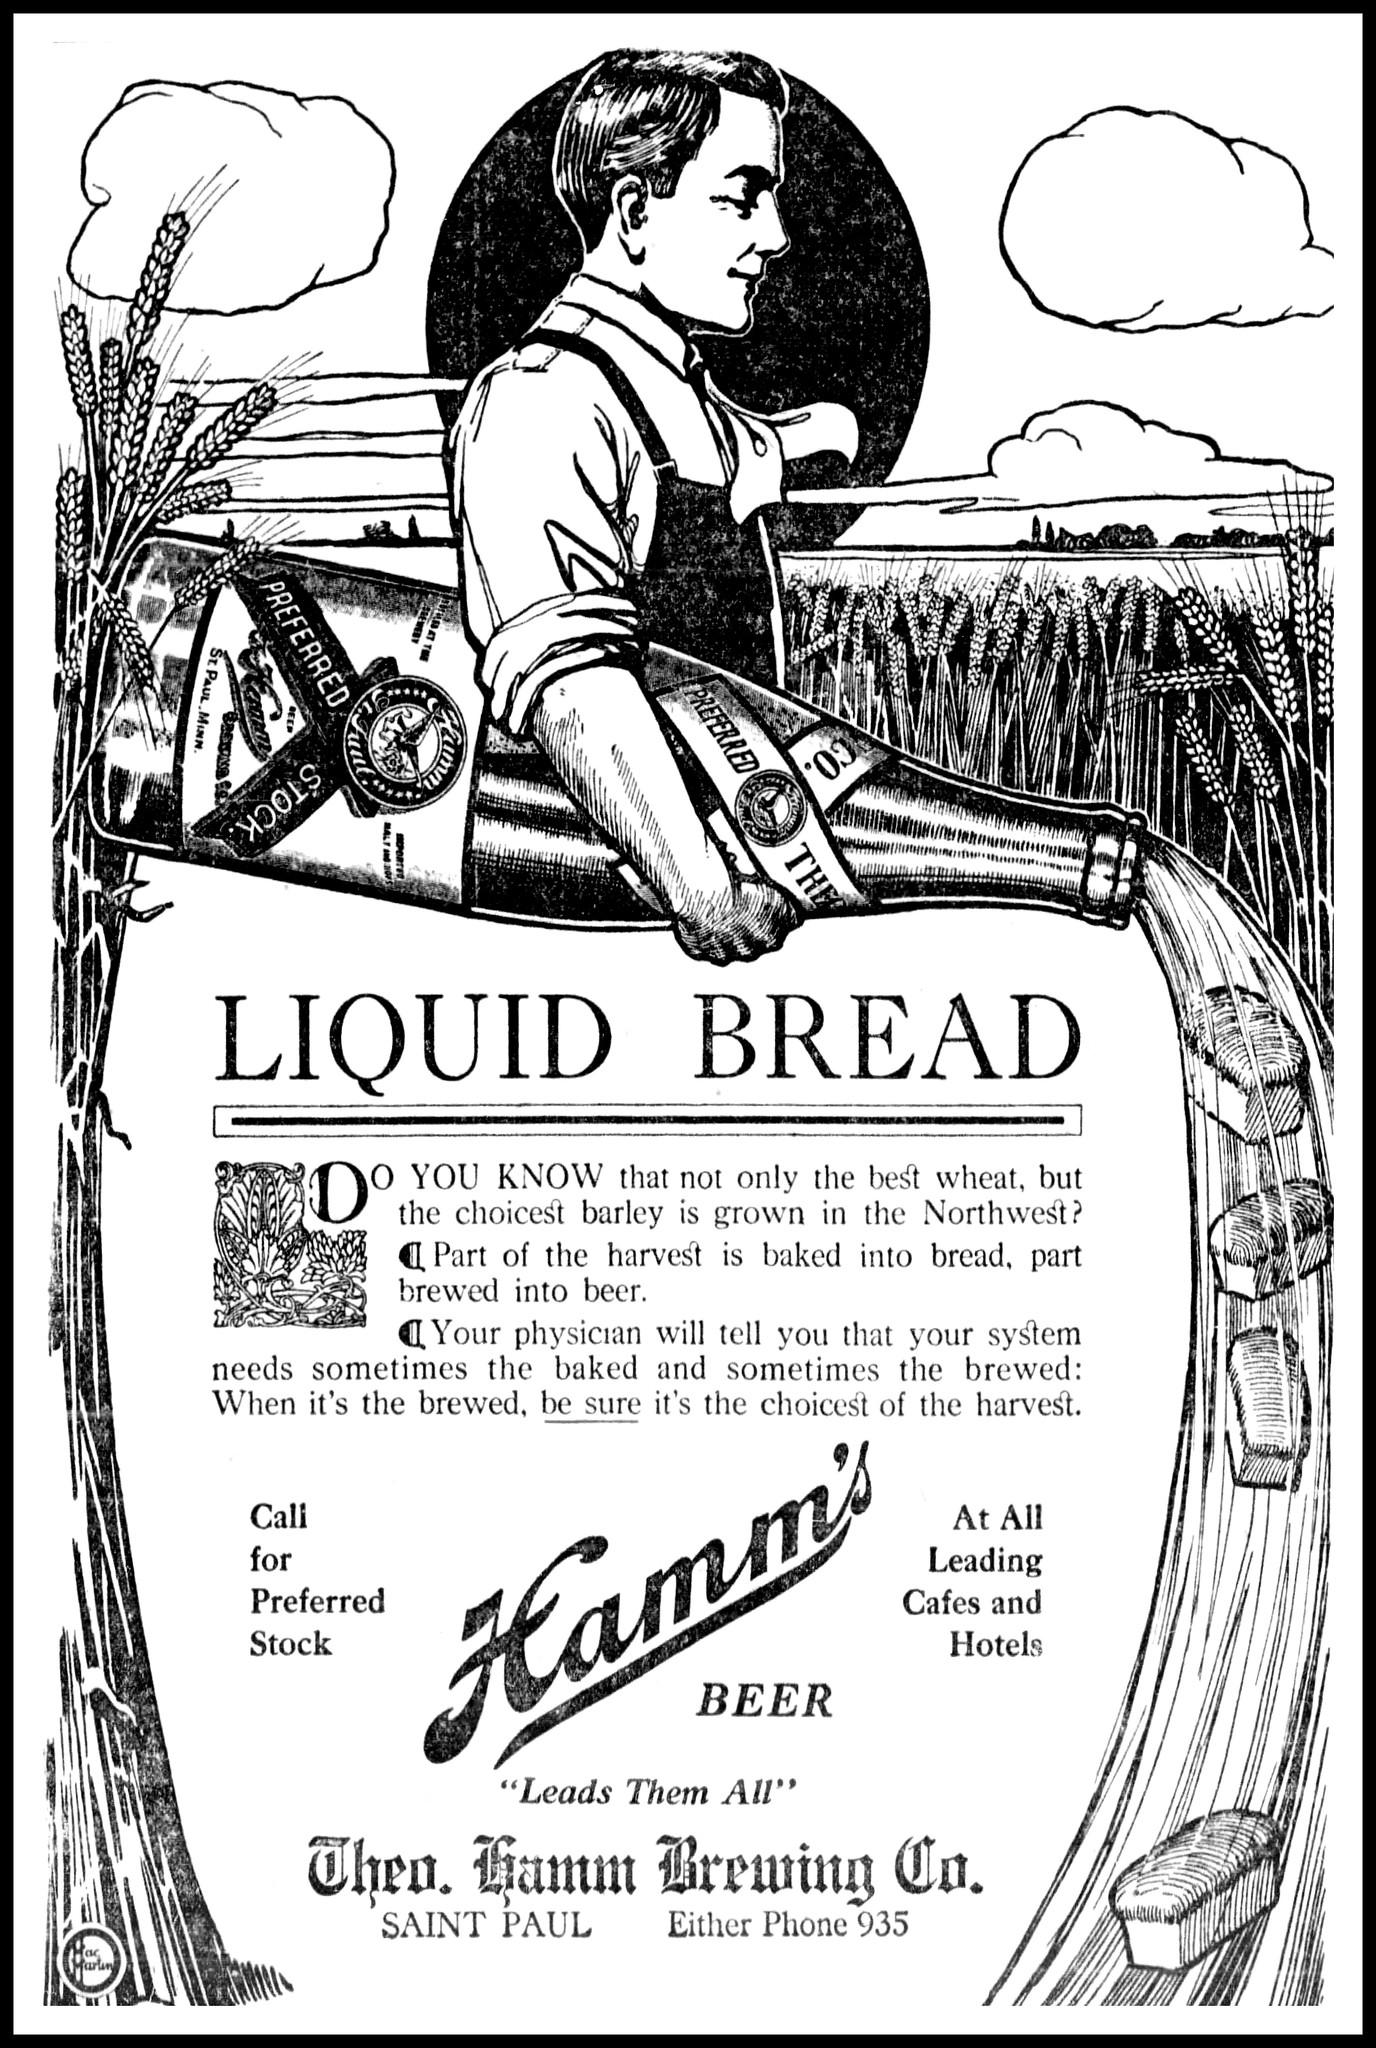 Hamm's Beer - August 1, 1910